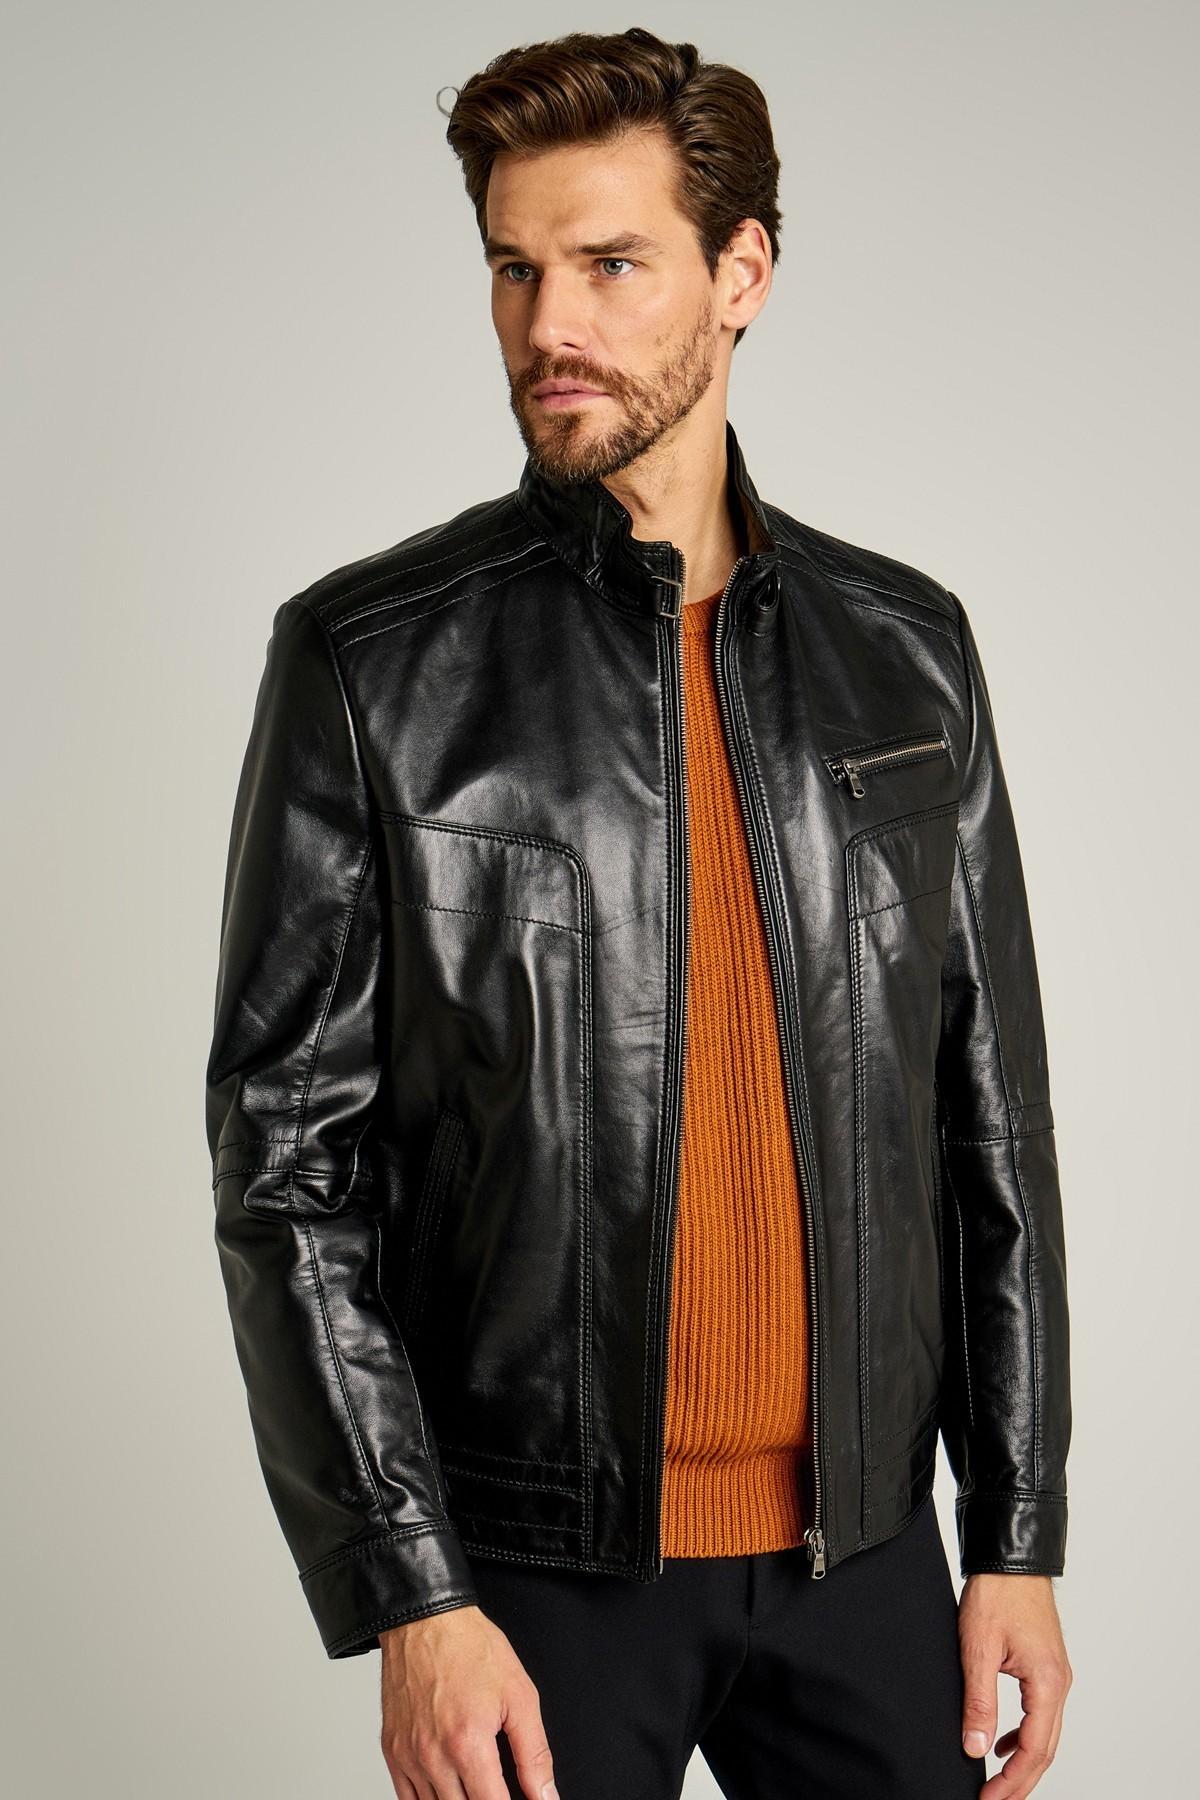 Leather Man Jacket